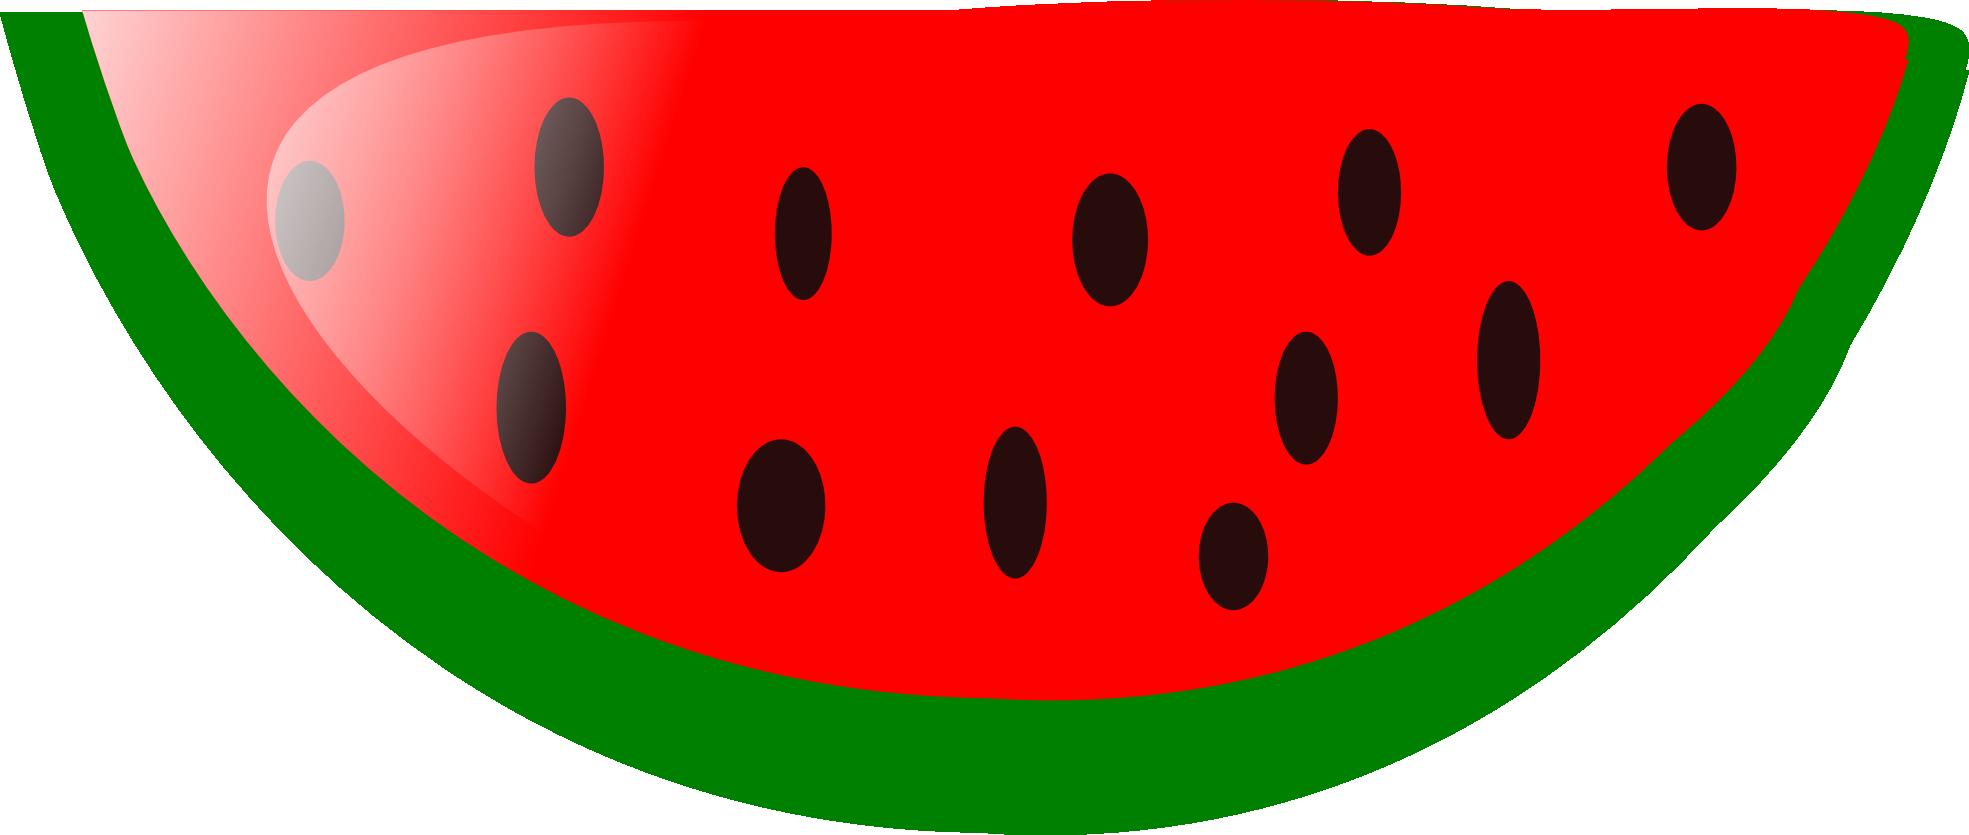 Clip Art Watermelon - Cliparts.co